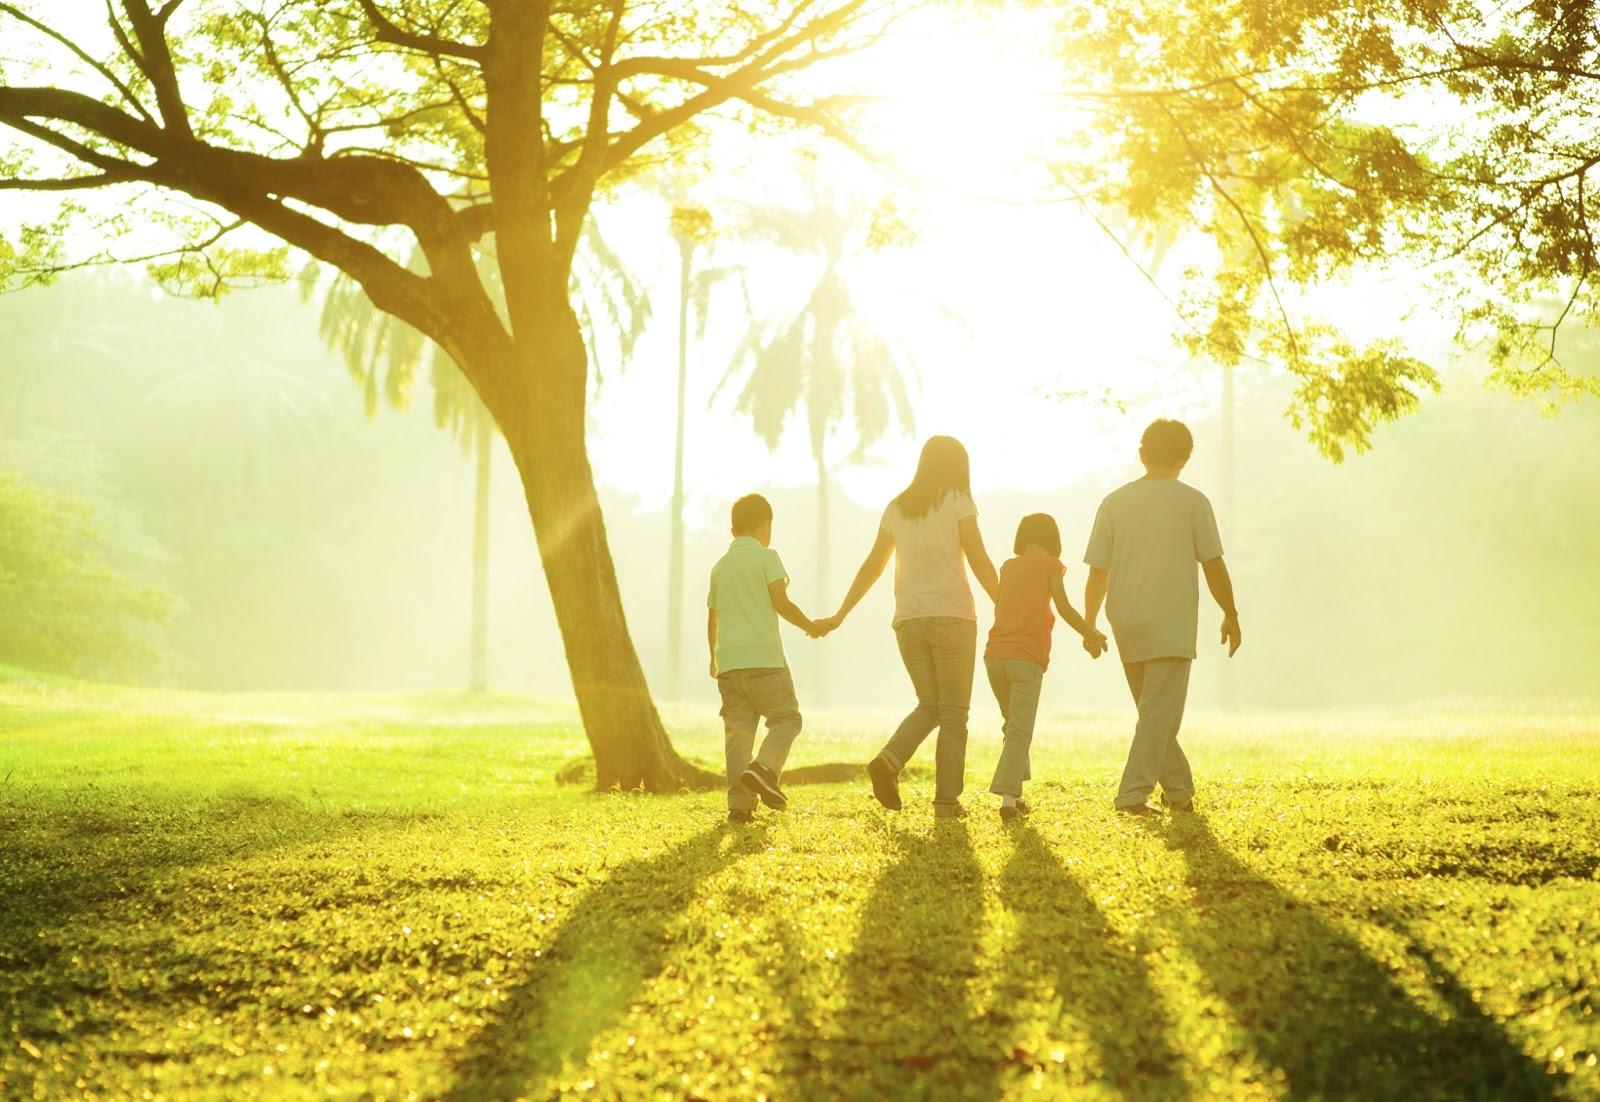 Hãy tải về máy cho mình bộ sưu tập hình ảnh về gia đình đầy yêu thương này, để cảm thấy mình như đang sống cạnh gia đình mình. Đây là những hình ảnh đẹp ...